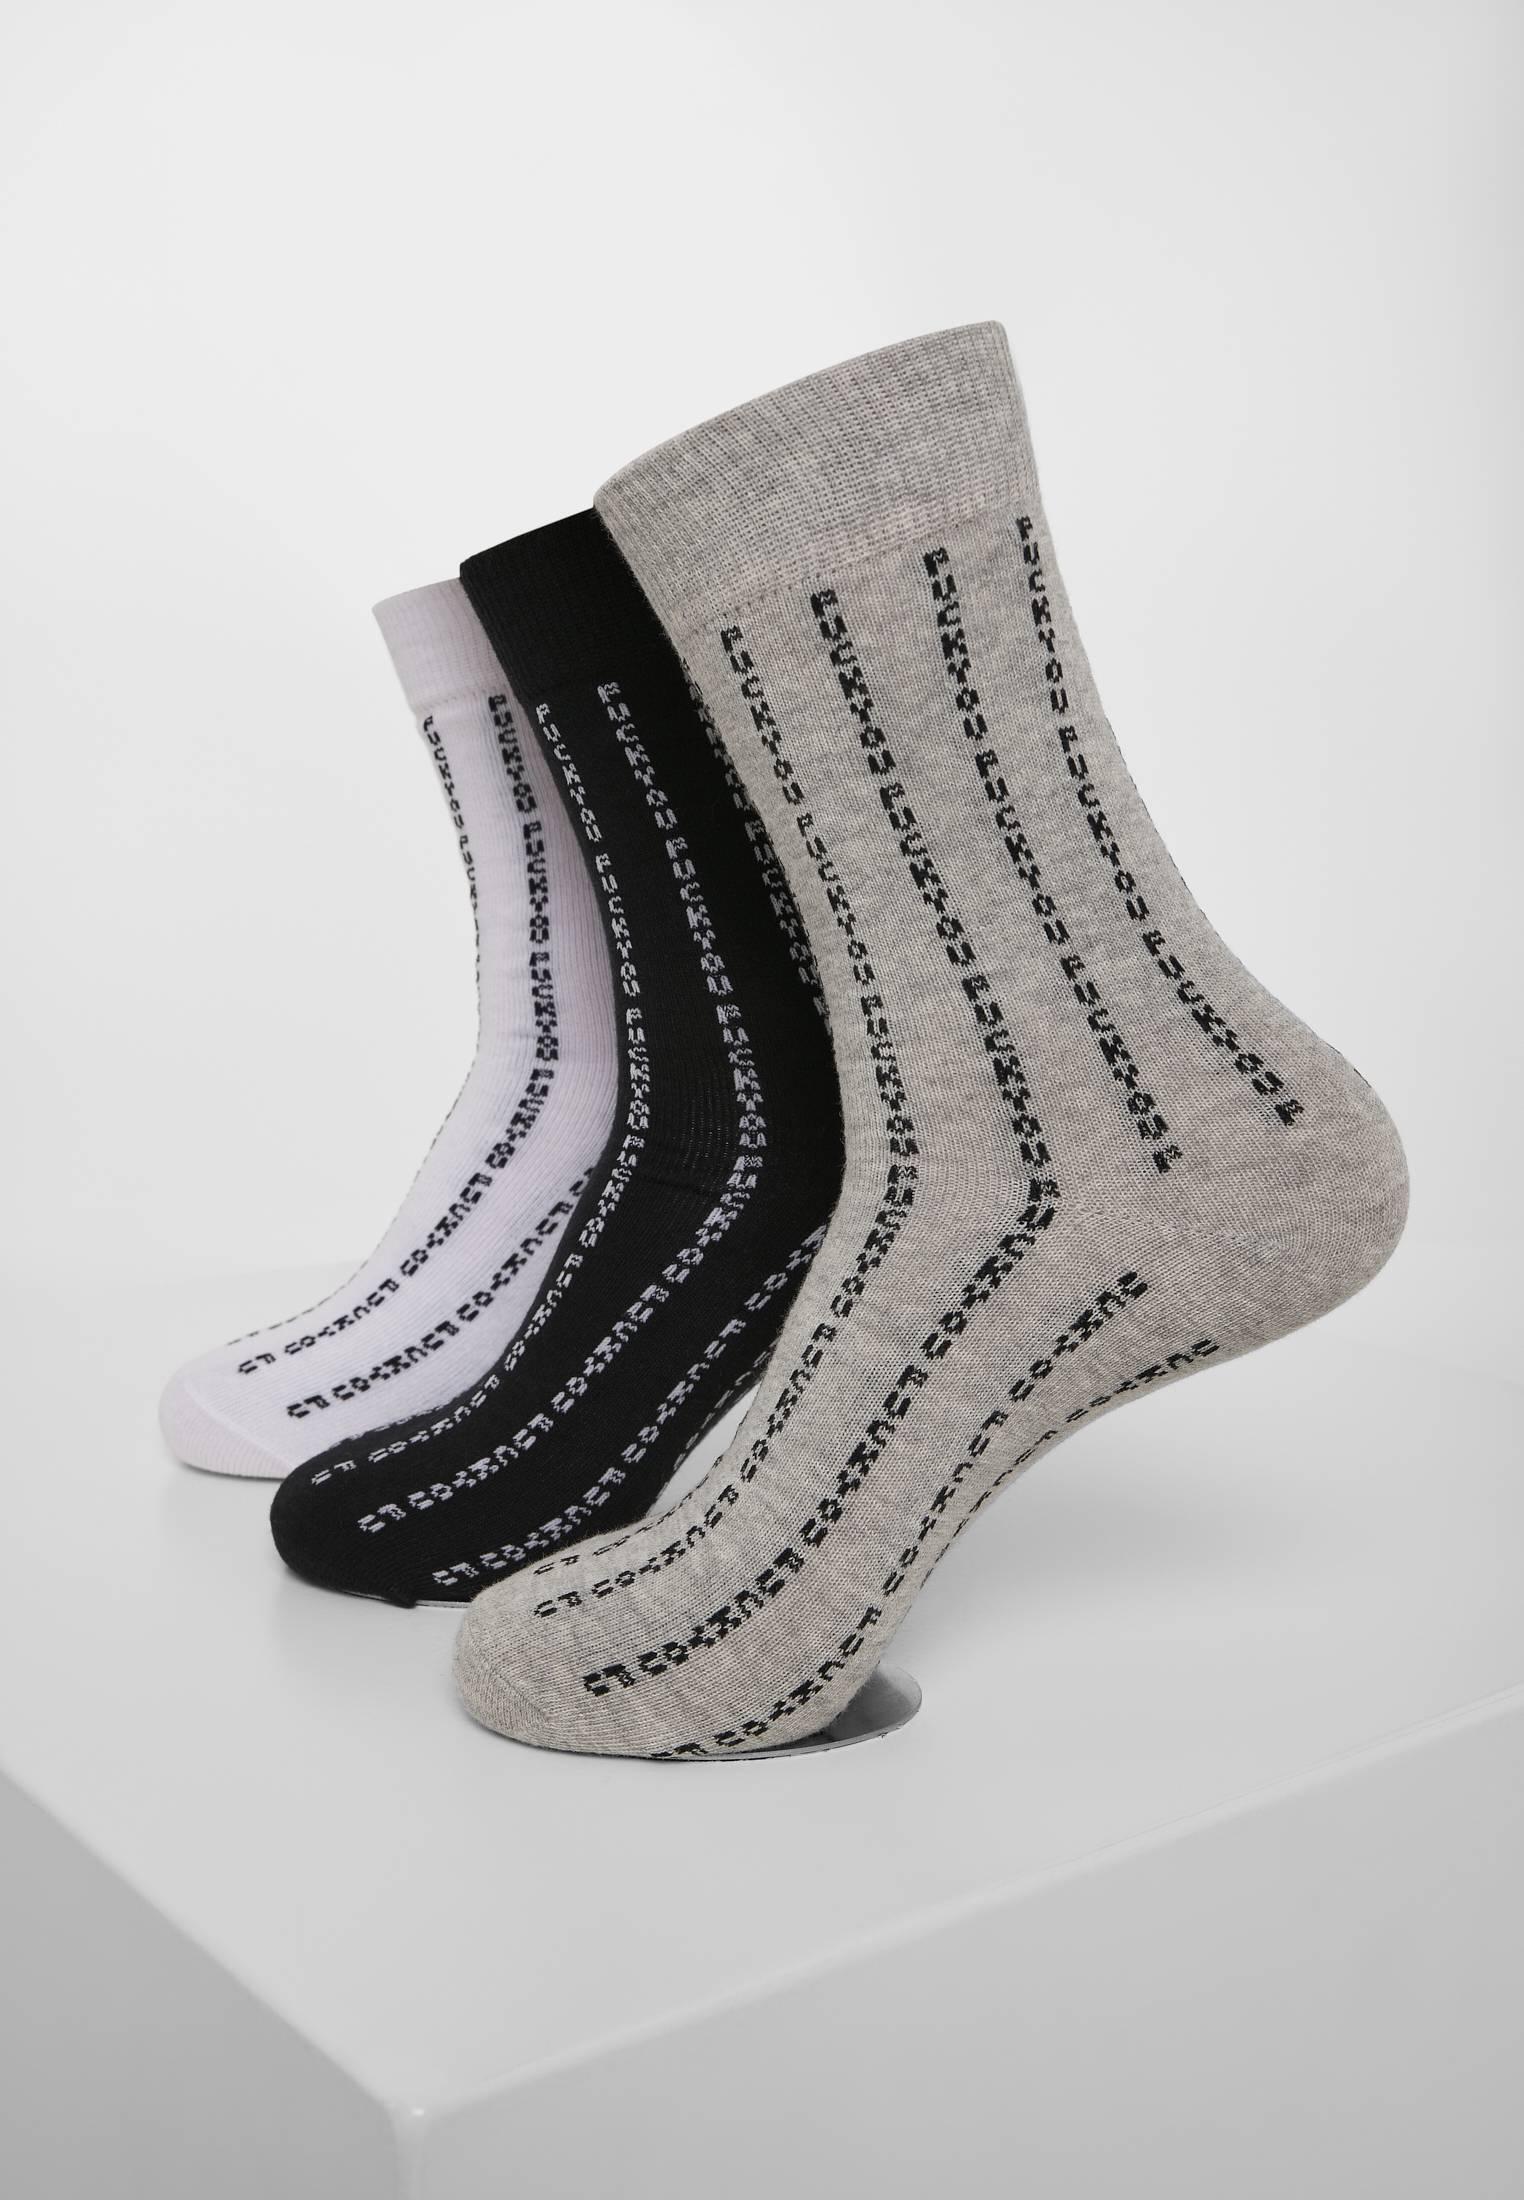 Mister Tee Fuck You Socks 3-Pack black/grey/white - 39-42